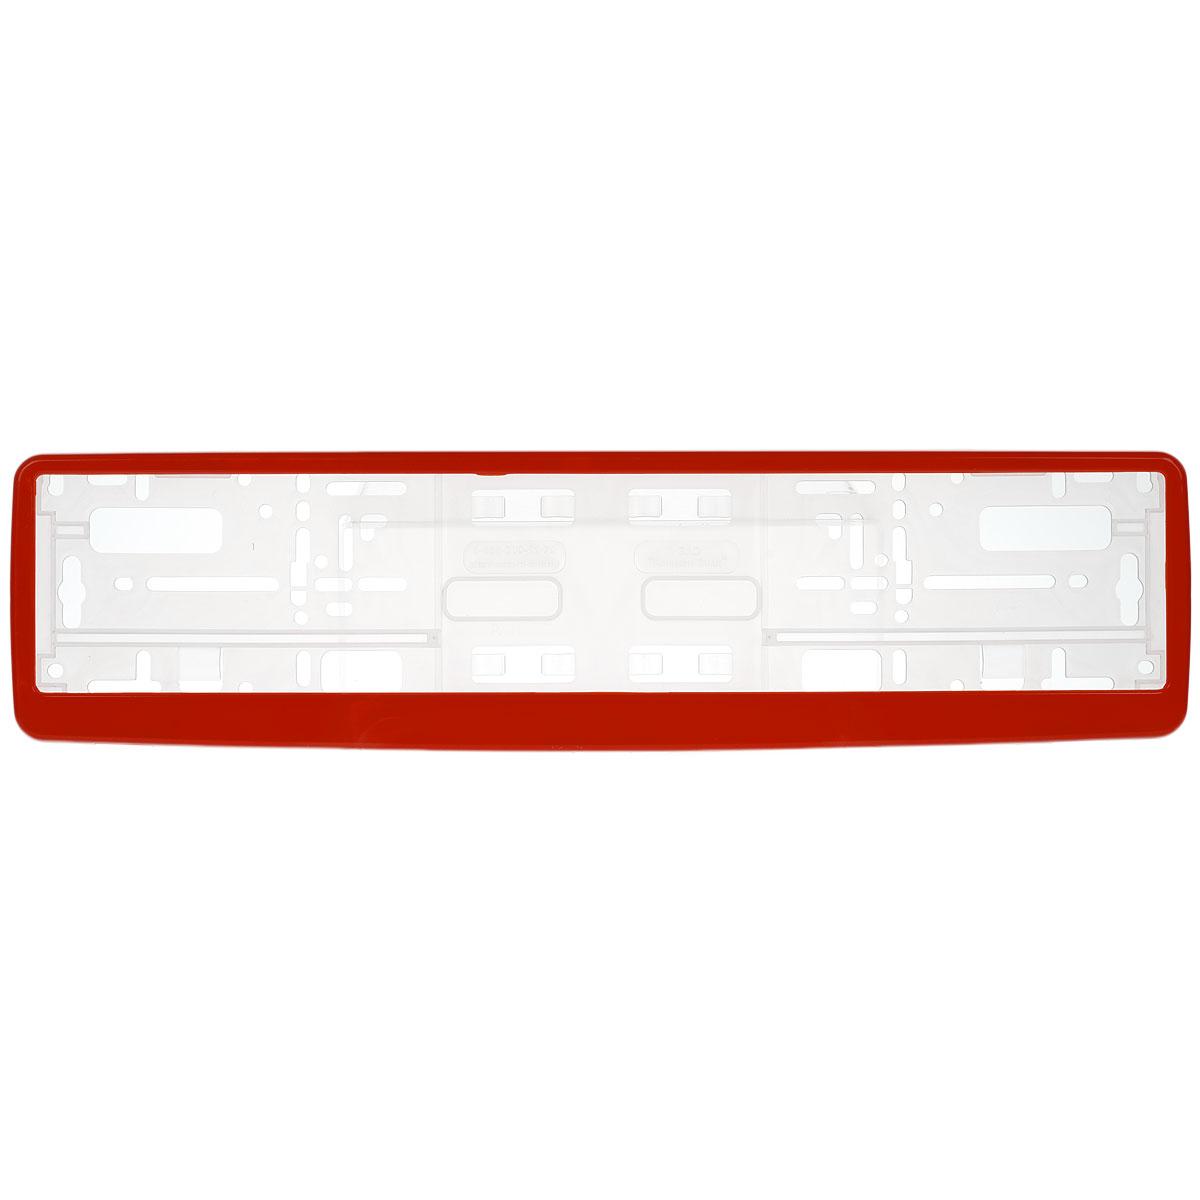 Рамка под номер Концерн Знак, цвет: красныйЗ0000012306Рамка Концерн Знак не только закрепит регистрационный знак на вашем автомобиле, но и красиво его оформит. Основание рамки выполнено из полипропилена, материал лицевой панели - пластик. Она предназначена для крепления регистрационного знака российского и европейского образца. Устанавливается на все типы автомобилей. Крепления в комплект не входят. Стильный дизайн идеально впишется в экстерьер вашего автомобиля. Размер рамки: 53,5 см х 13,5 см. Размер регистрационного знака: 52,5 см х 11,5 см.